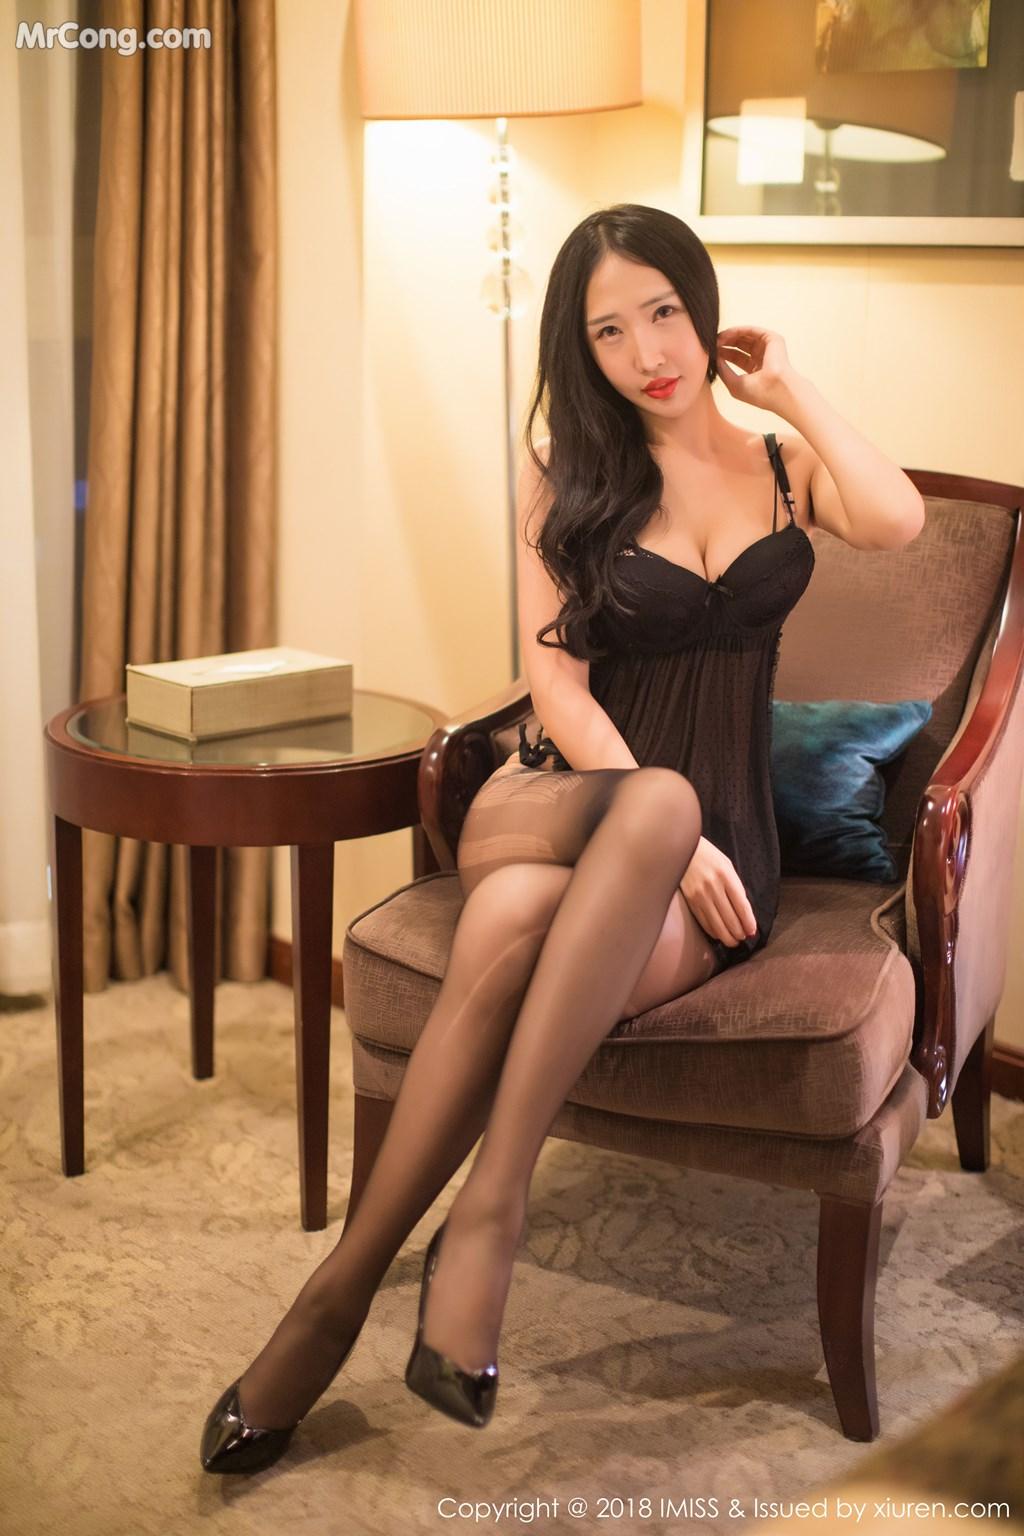 Image IMISS-Vol.246-Yu-Xin-Yan-MrCong.com-002 in post IMISS Vol.246: Người mẫu Yu Xin Yan (余馨妍) (42 ảnh)